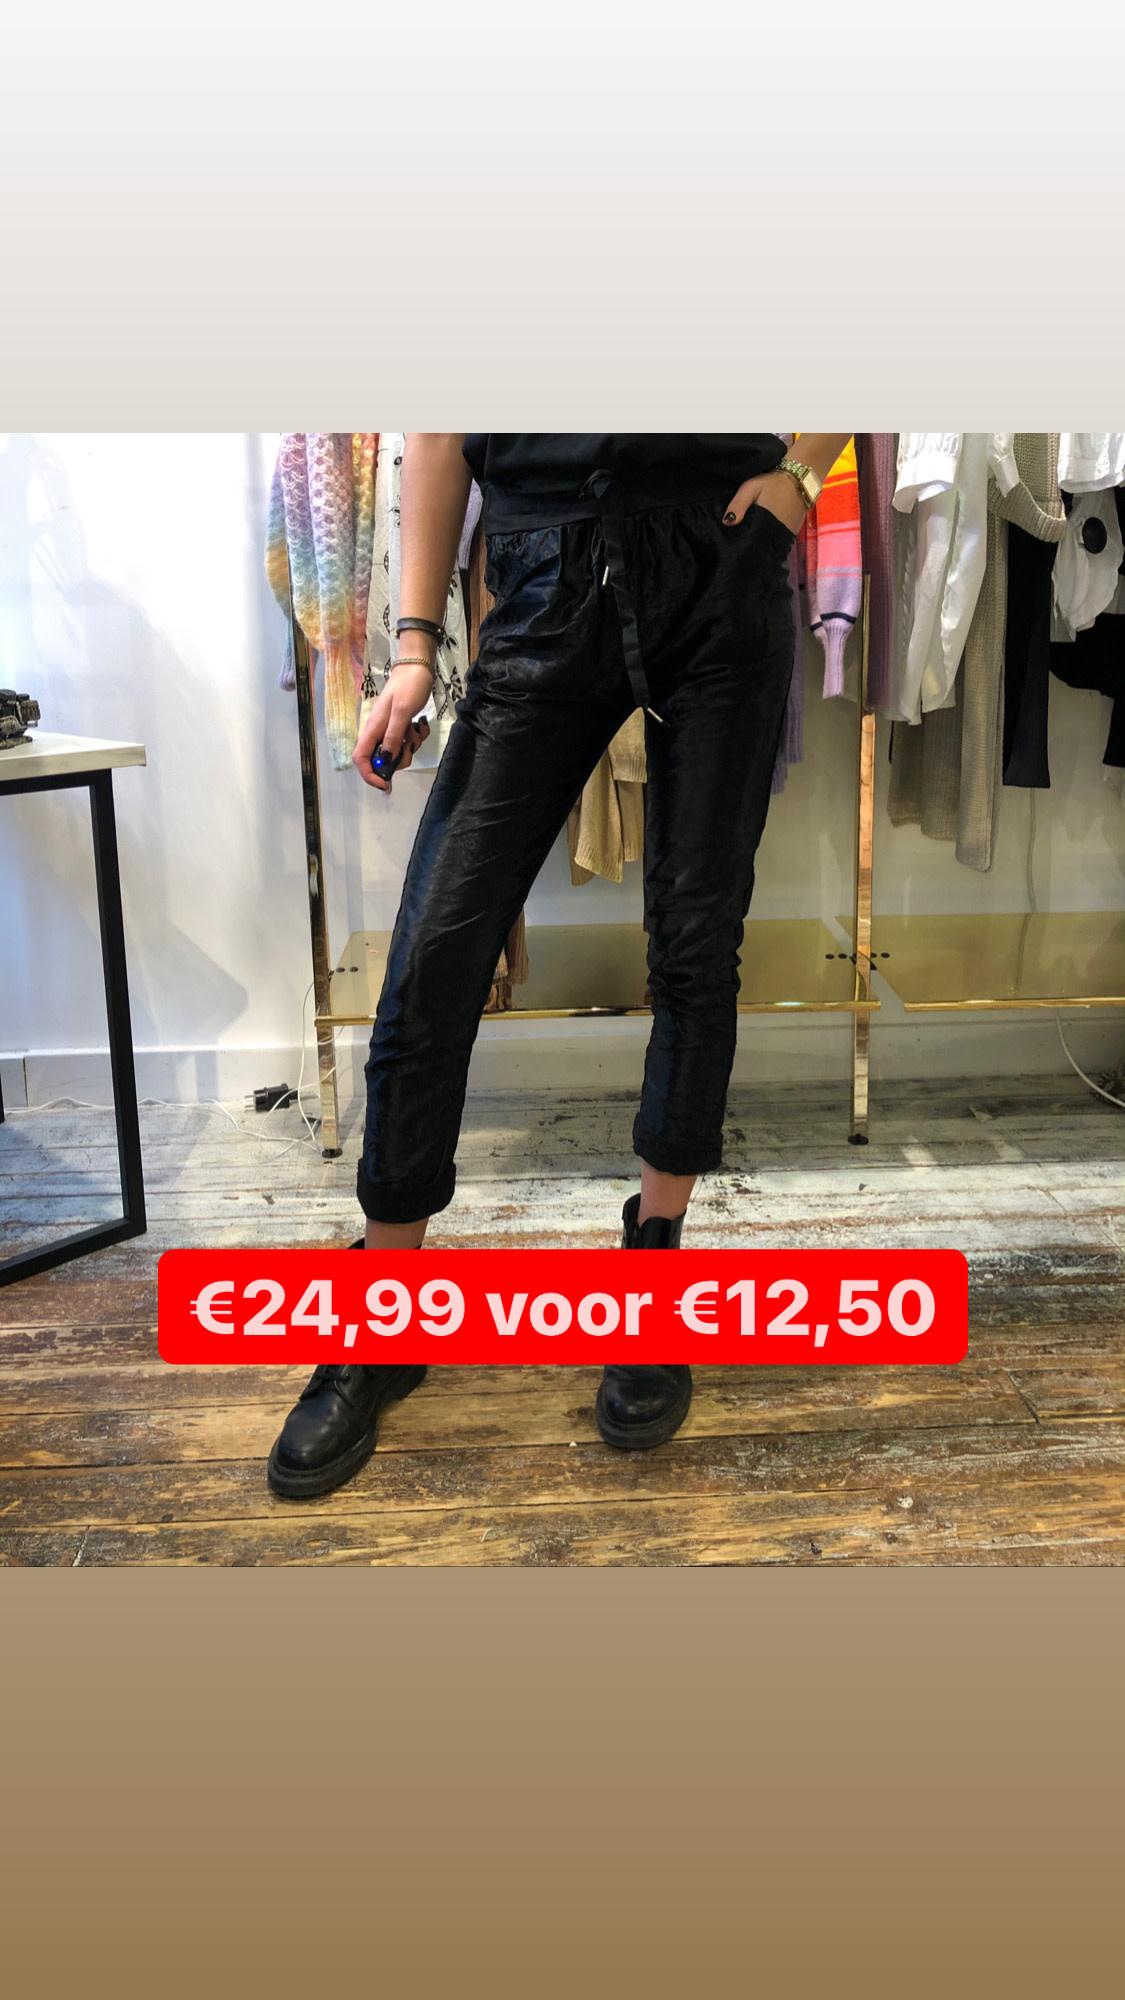 2097 Joggings Pants 19 Black